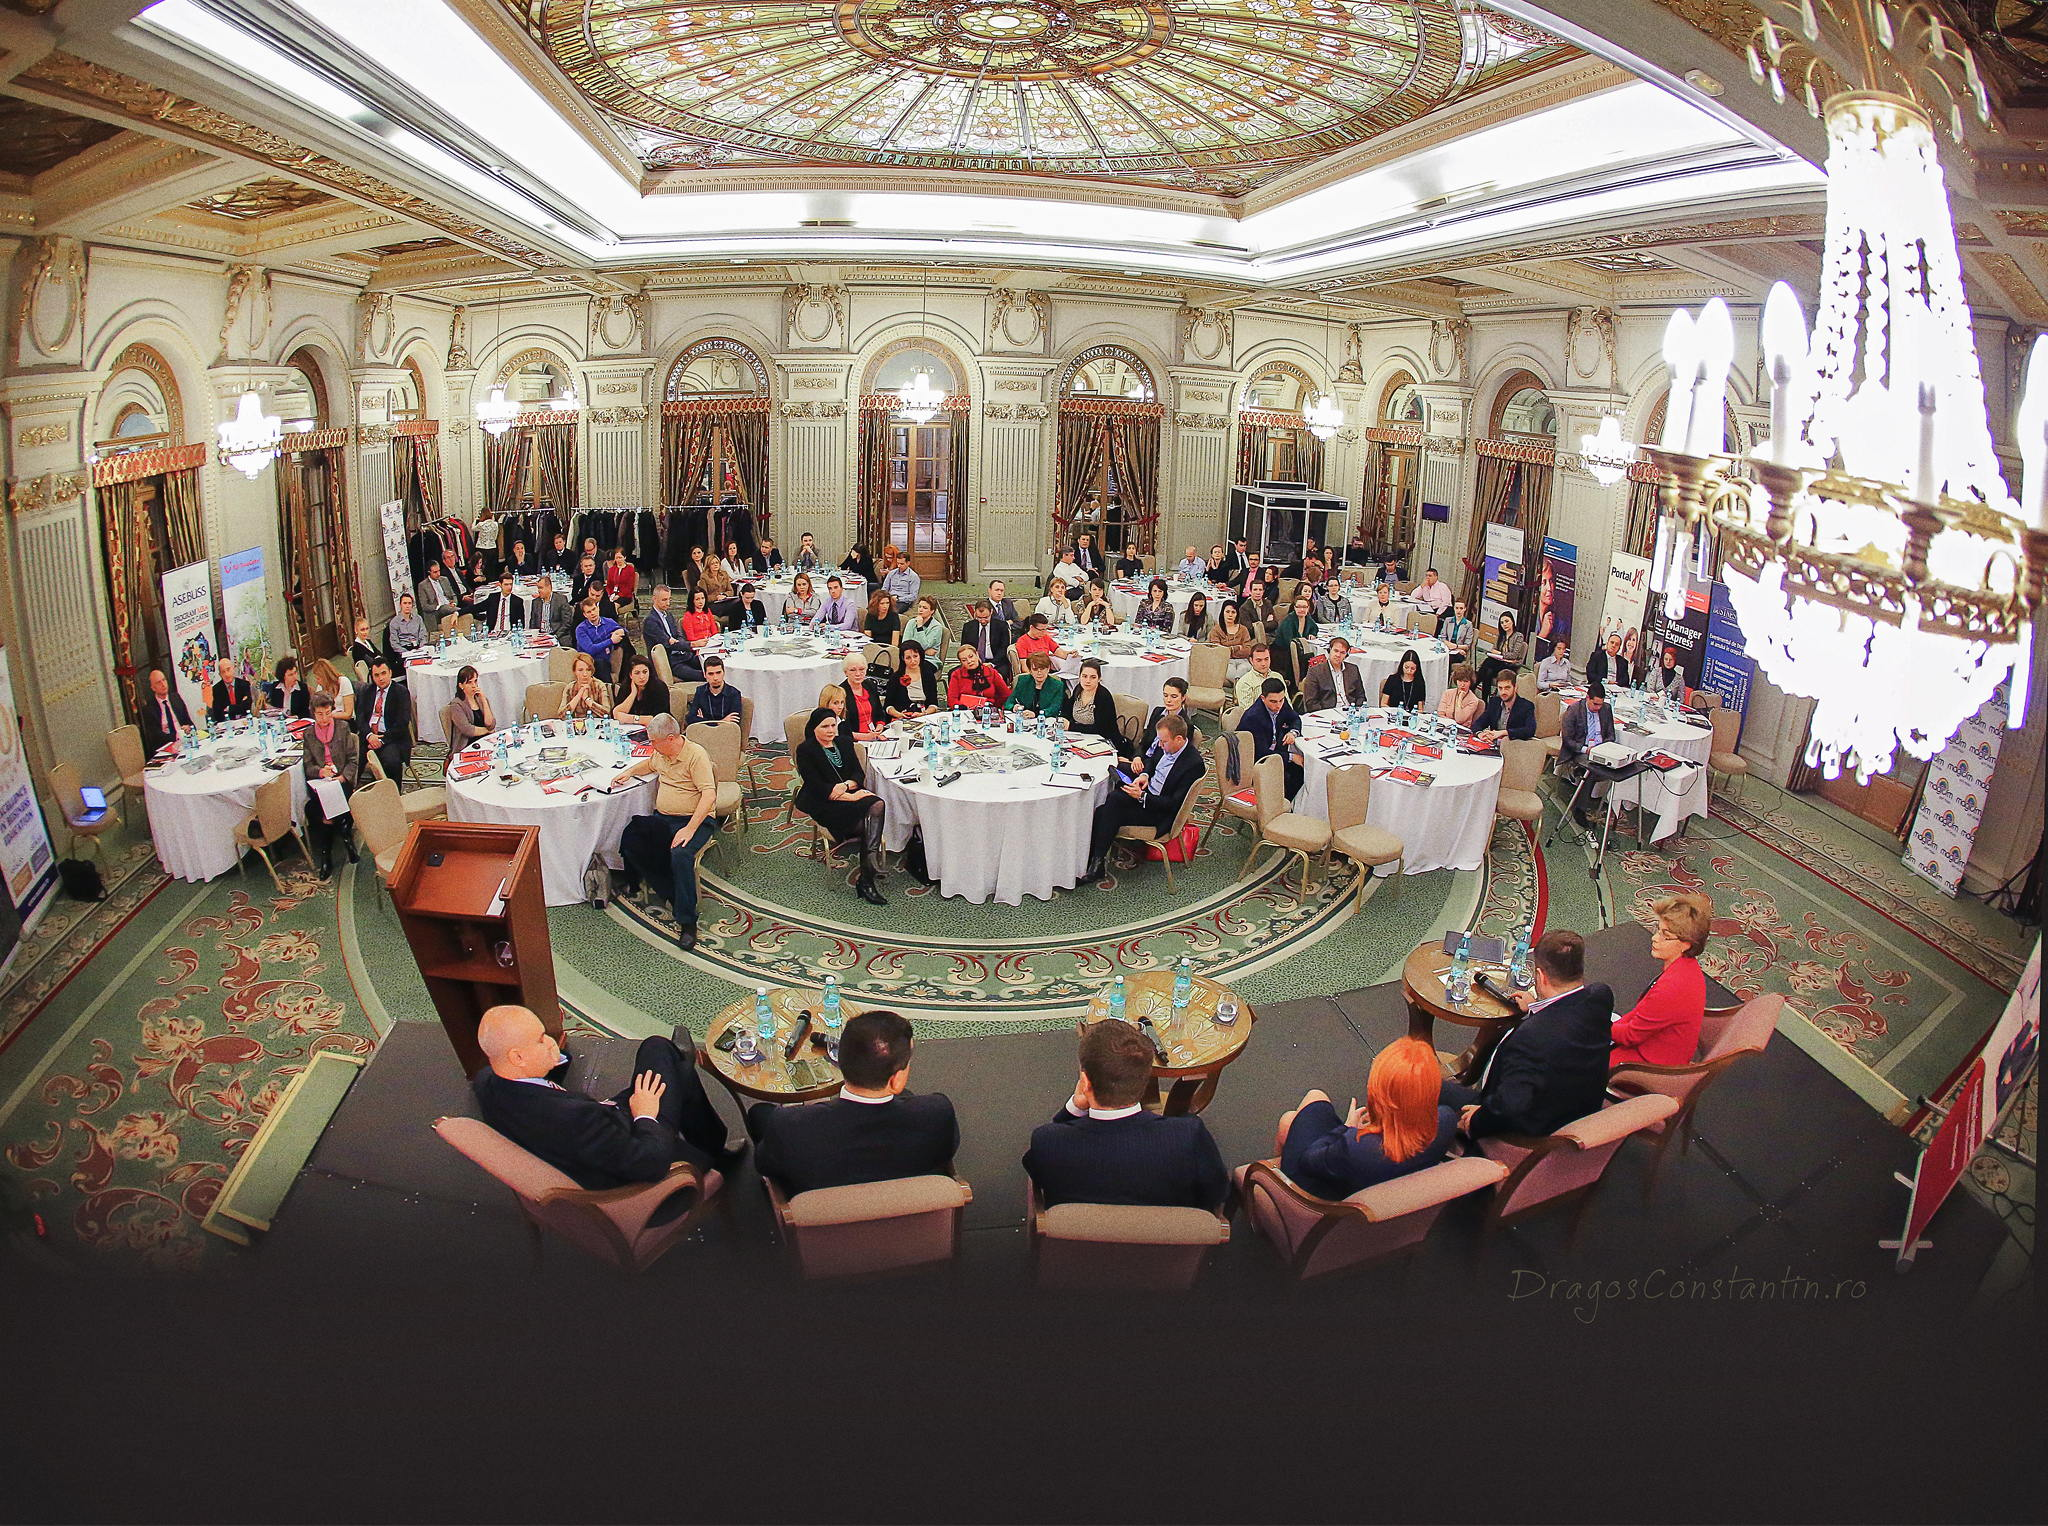 Fotografie Eveniment Corporate - Conferinta Assebuss Hilton - Corporate Event Photography